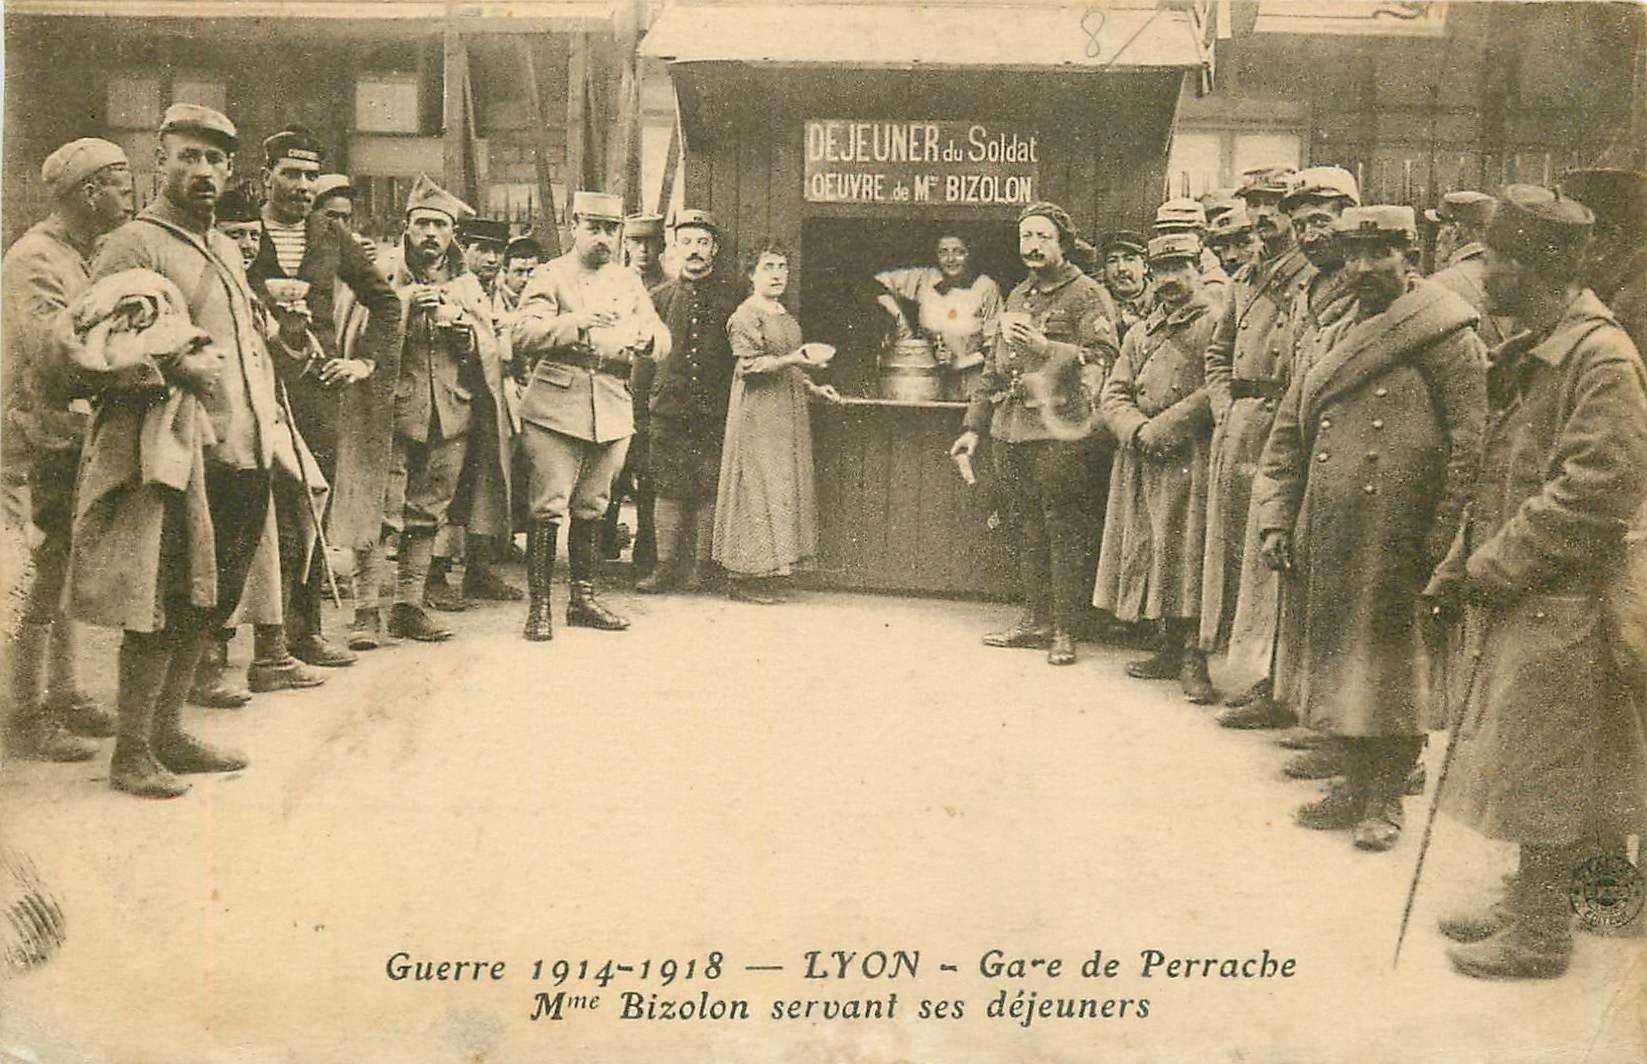 69 LYON. Bizolon servant ses déjeuners aux Soldats en Gare de Perrache 1918